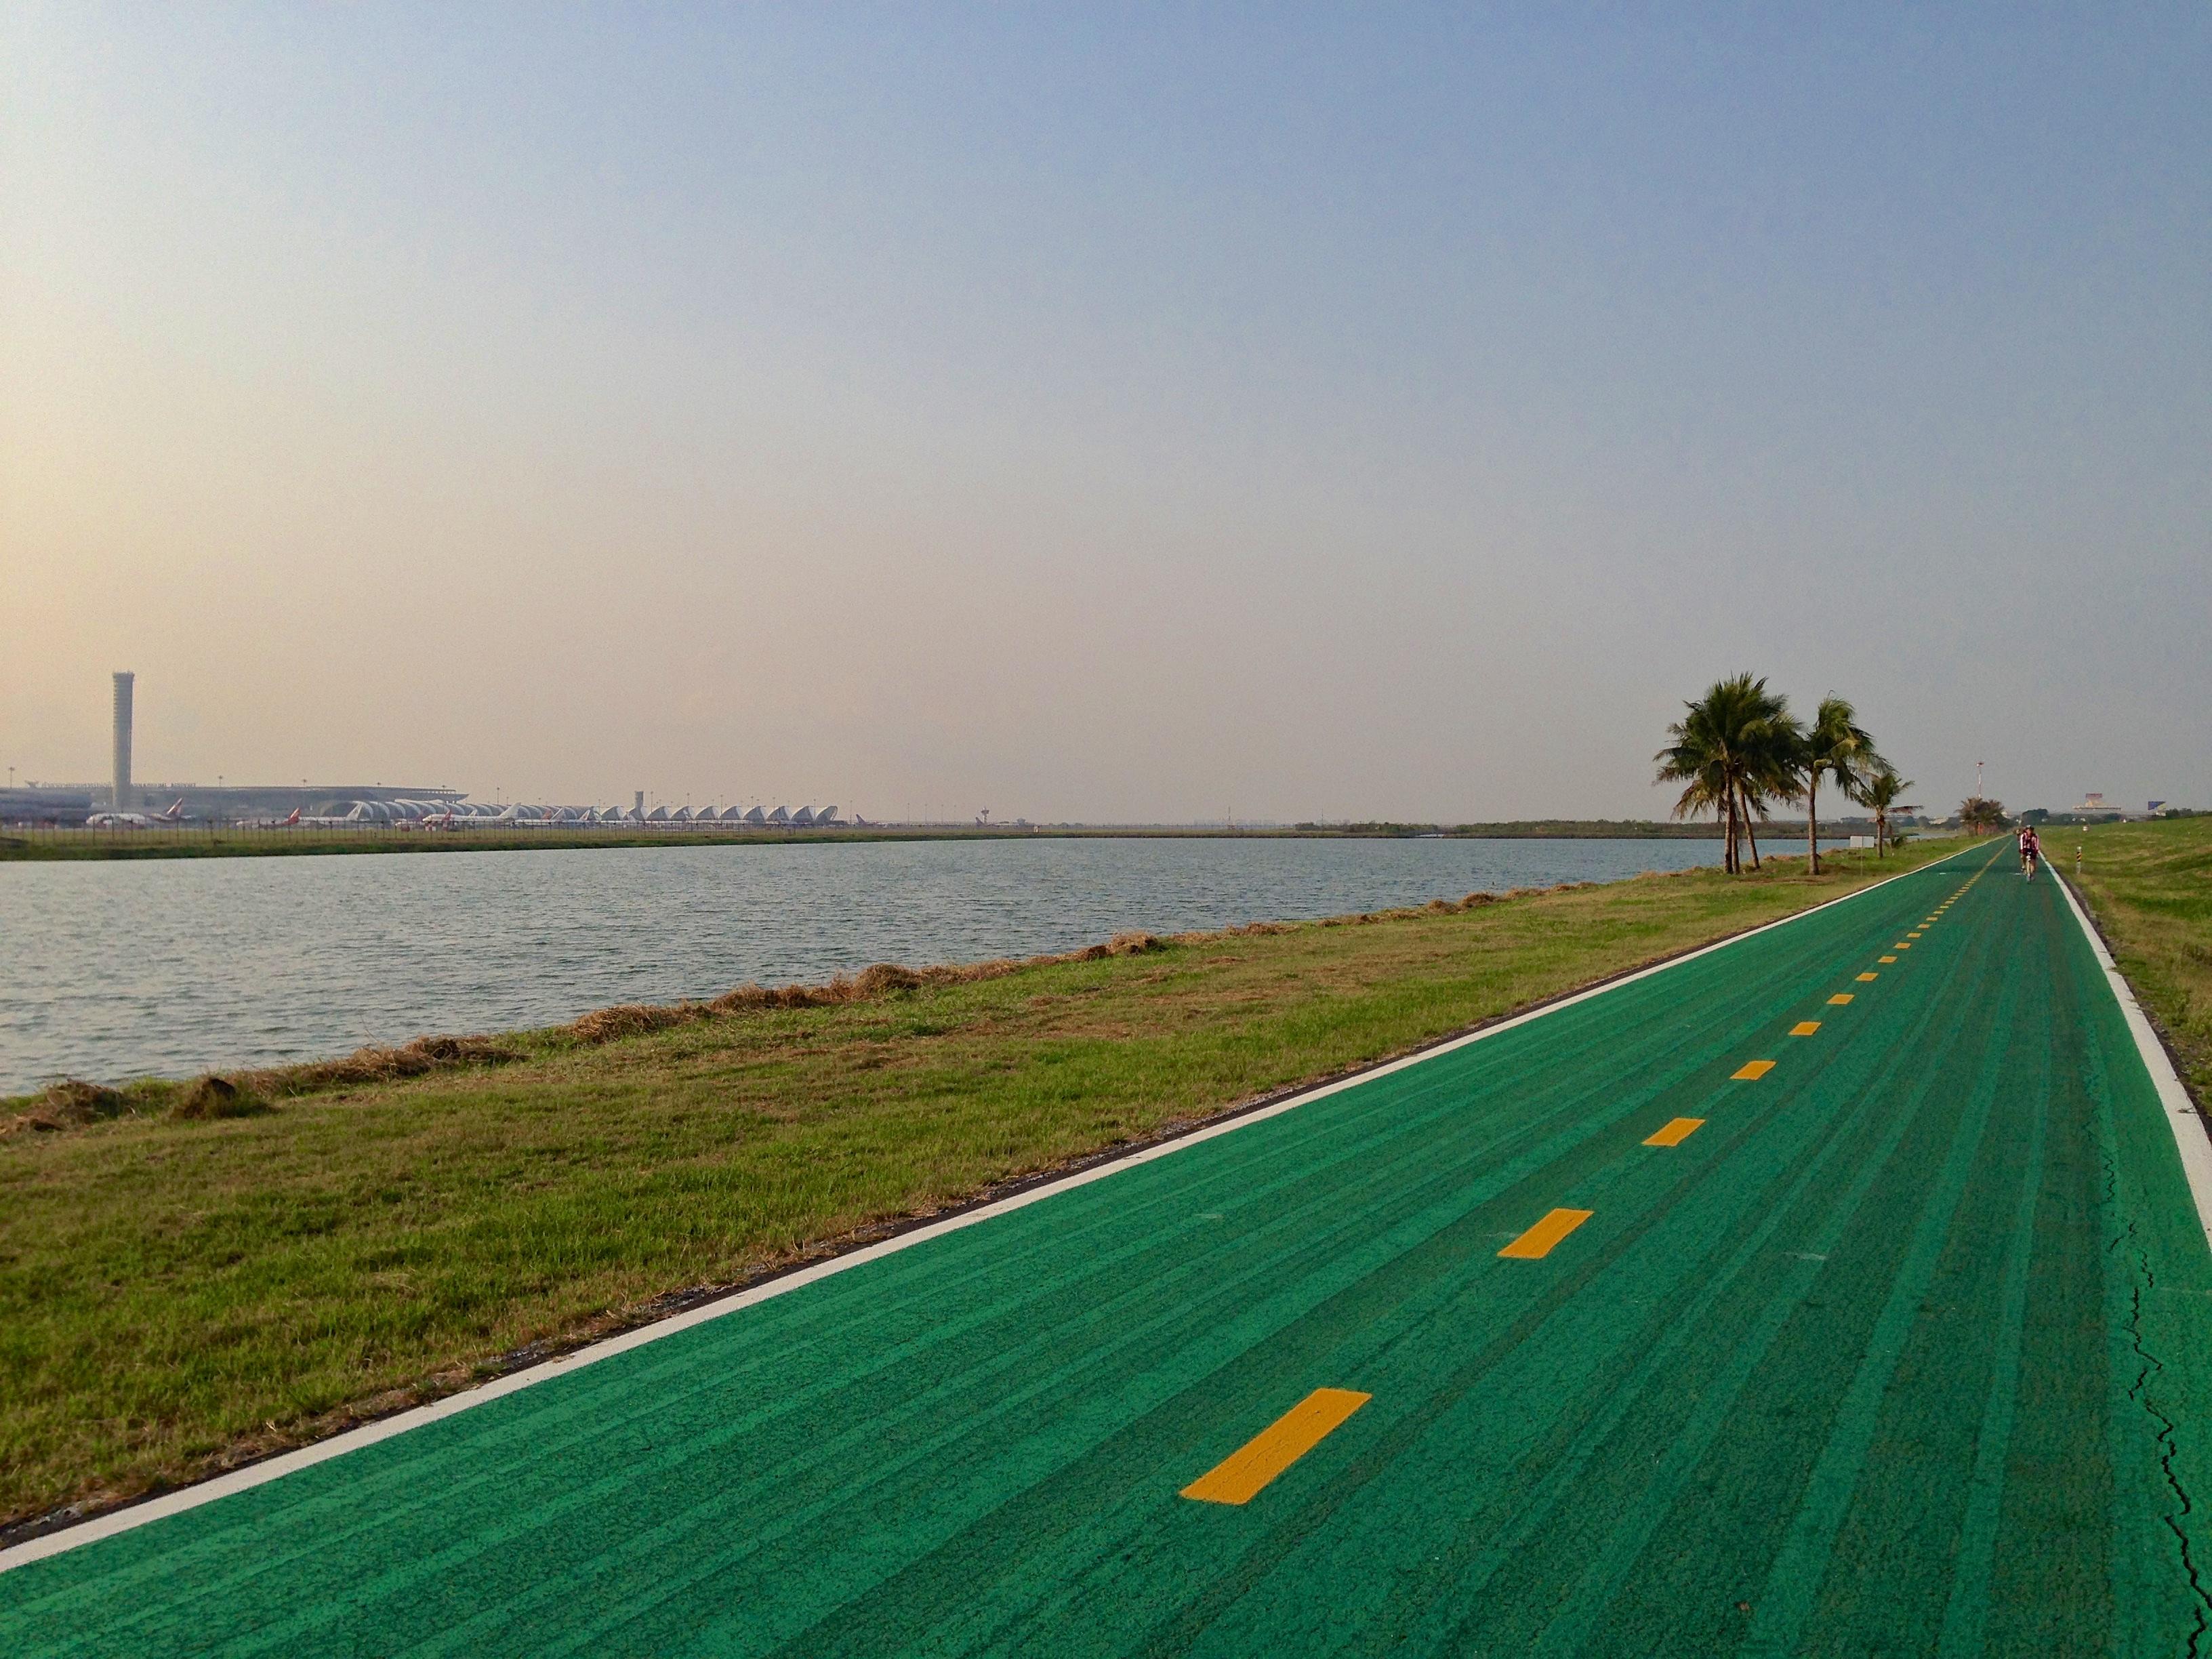 Sfondi Gli Sport Paesaggio Mare Asia Acqua Bicicletta Erba